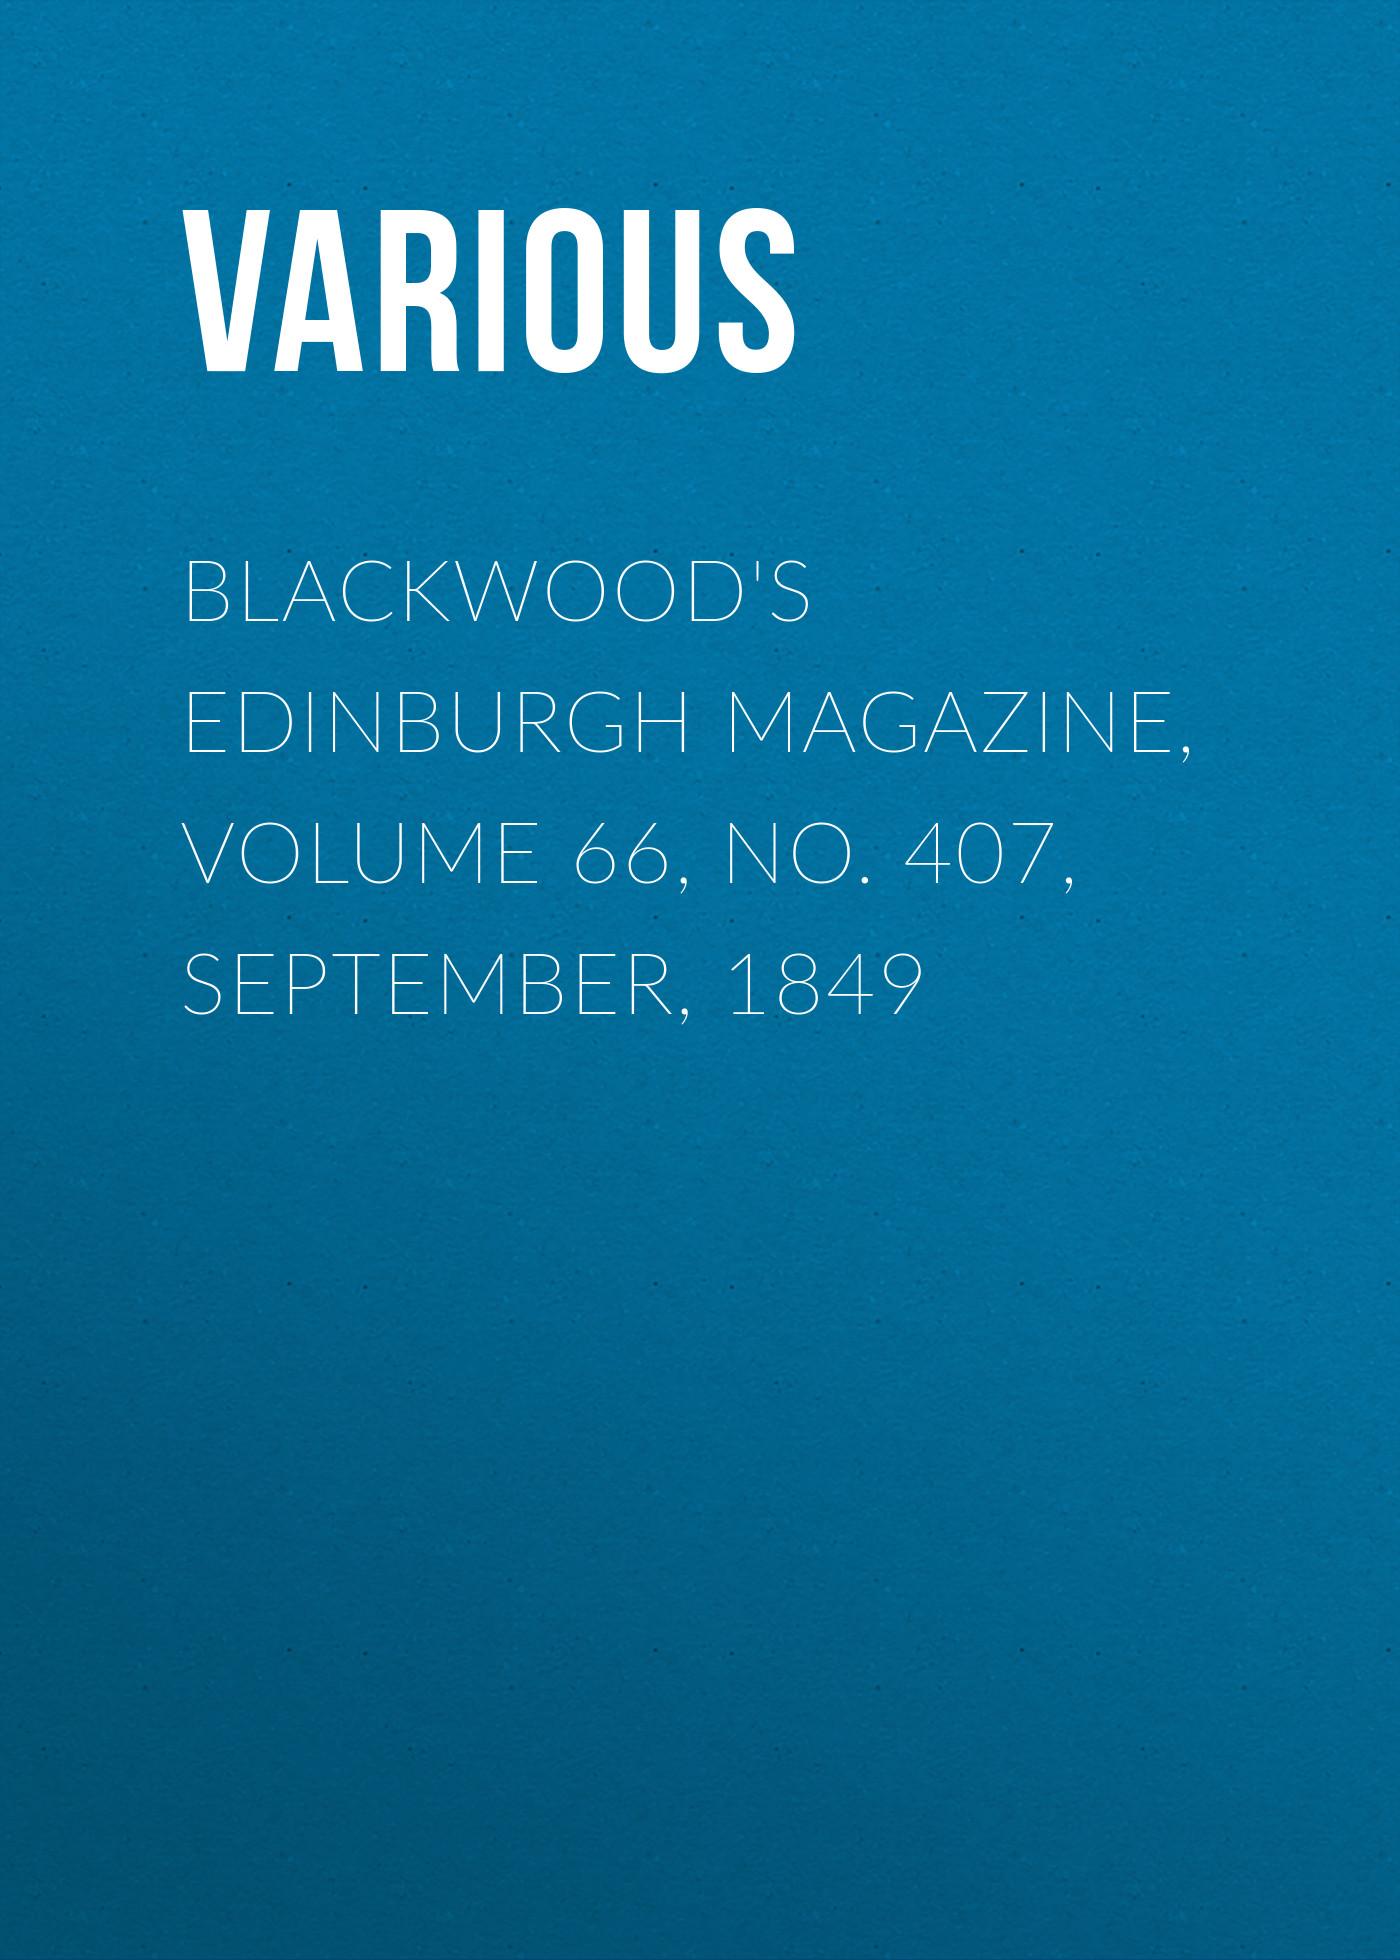 лучшая цена Various Blackwood's Edinburgh Magazine, Volume 66, No. 407, September, 1849